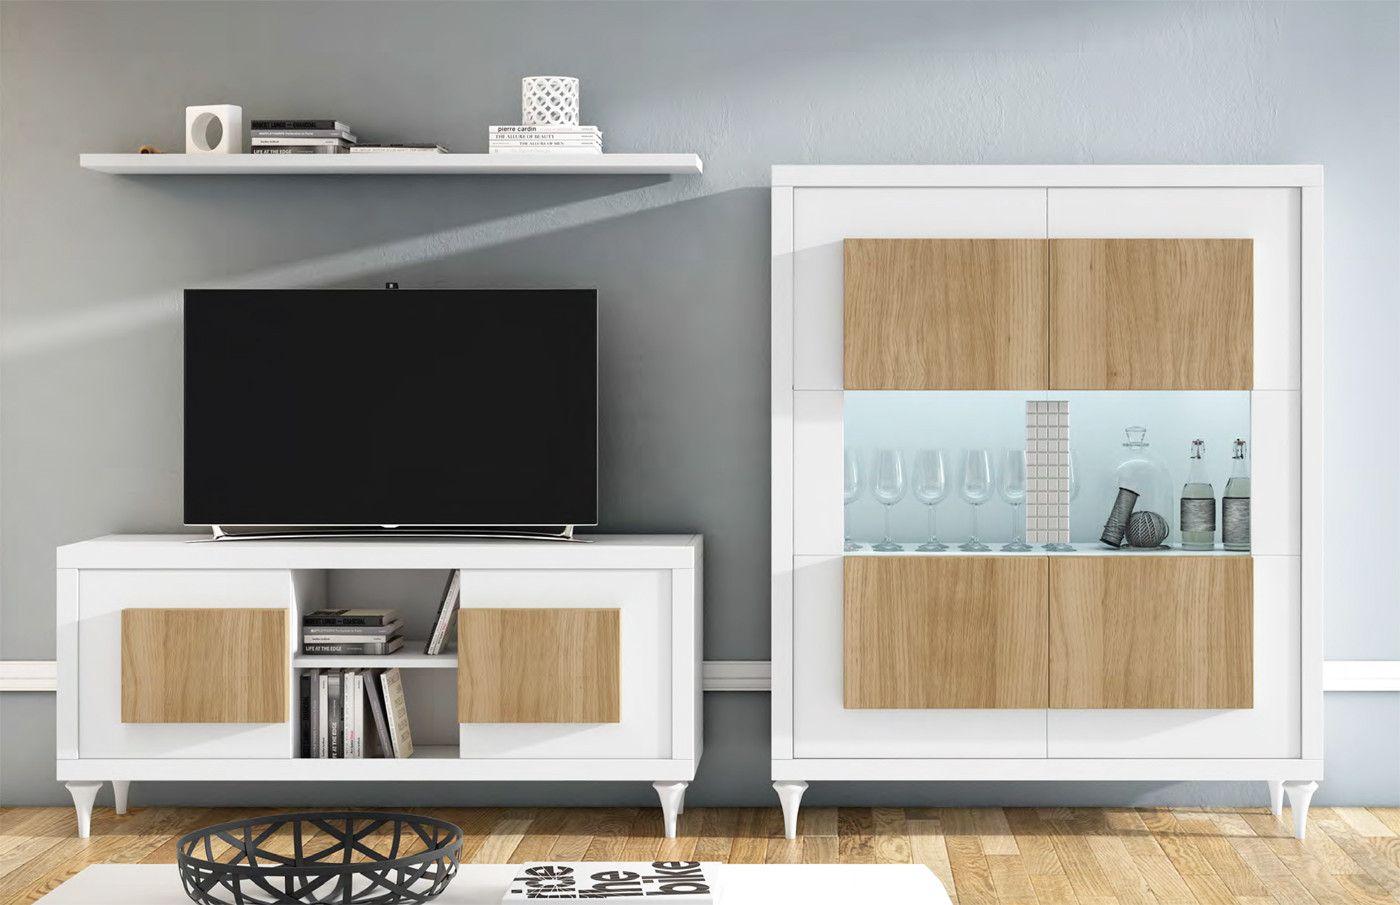 Muebles de sal n con mesa de tv y vitrina con iluminaci n - Muebles de salon con luz led ...